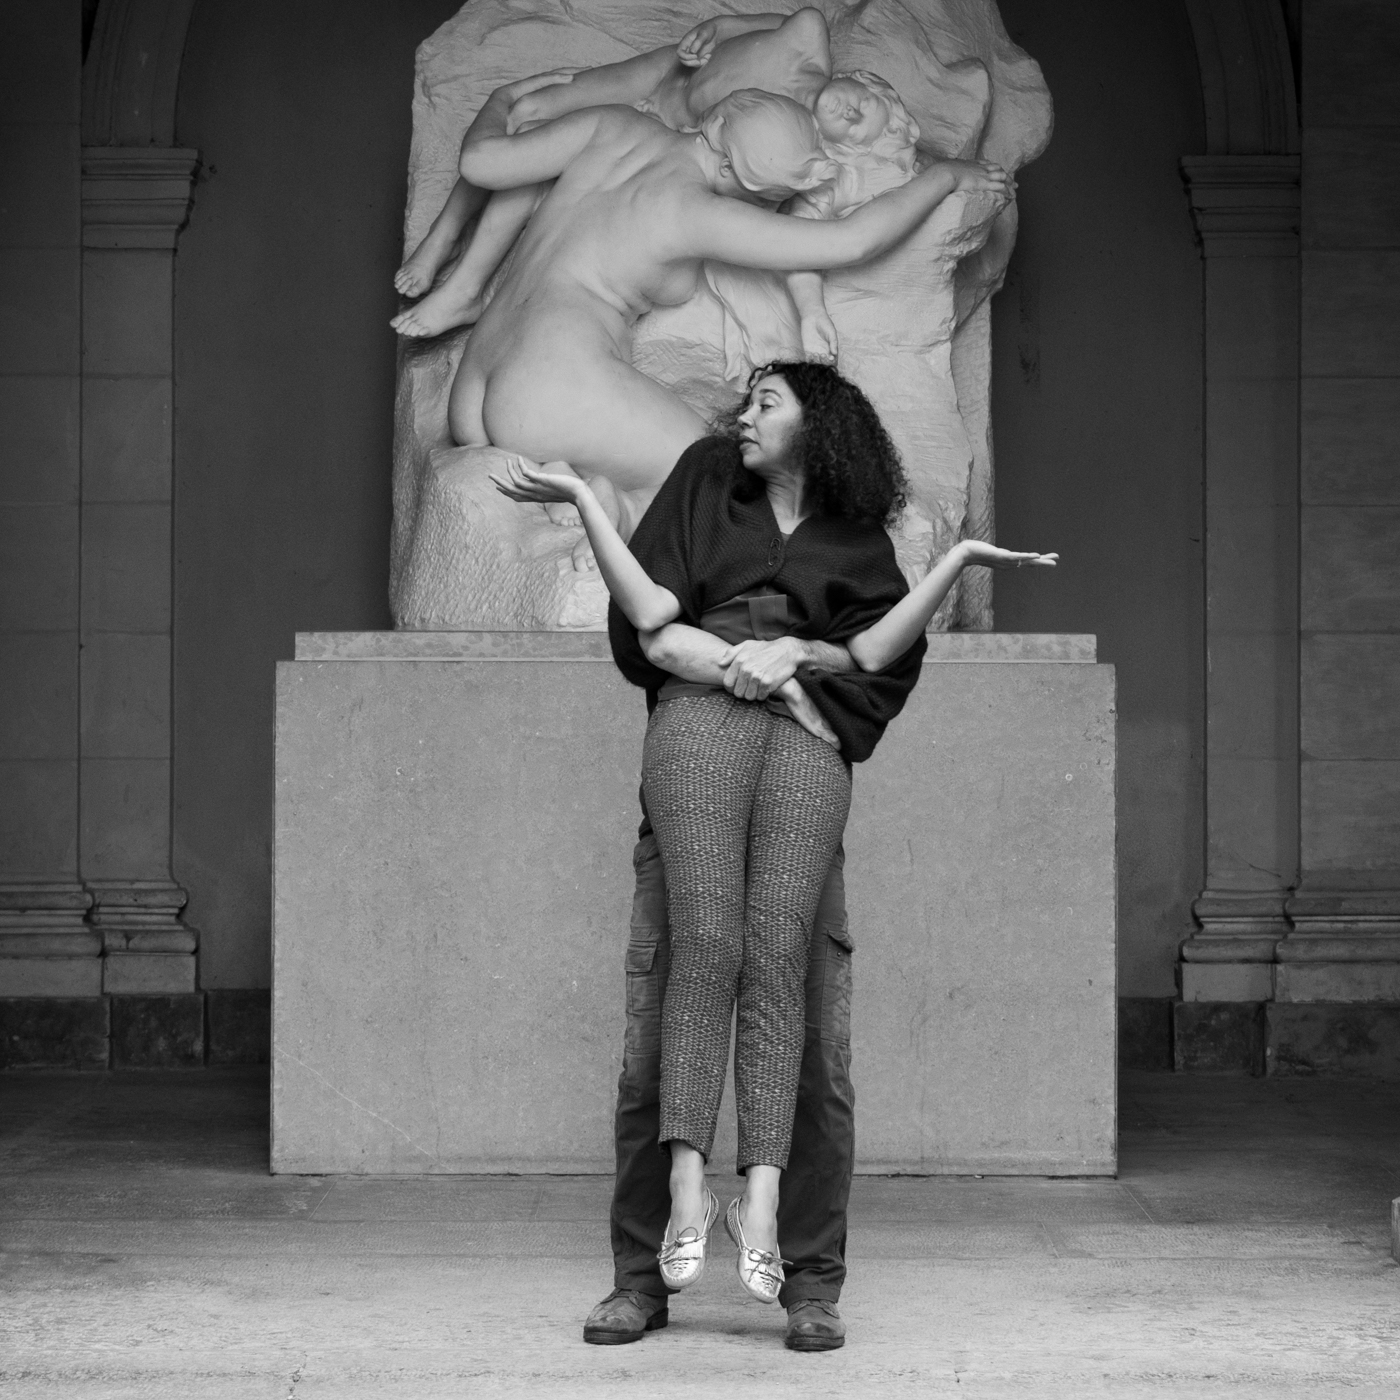 Musée_Lyon_2016_-_Autoportrait_à_l'égyptienne